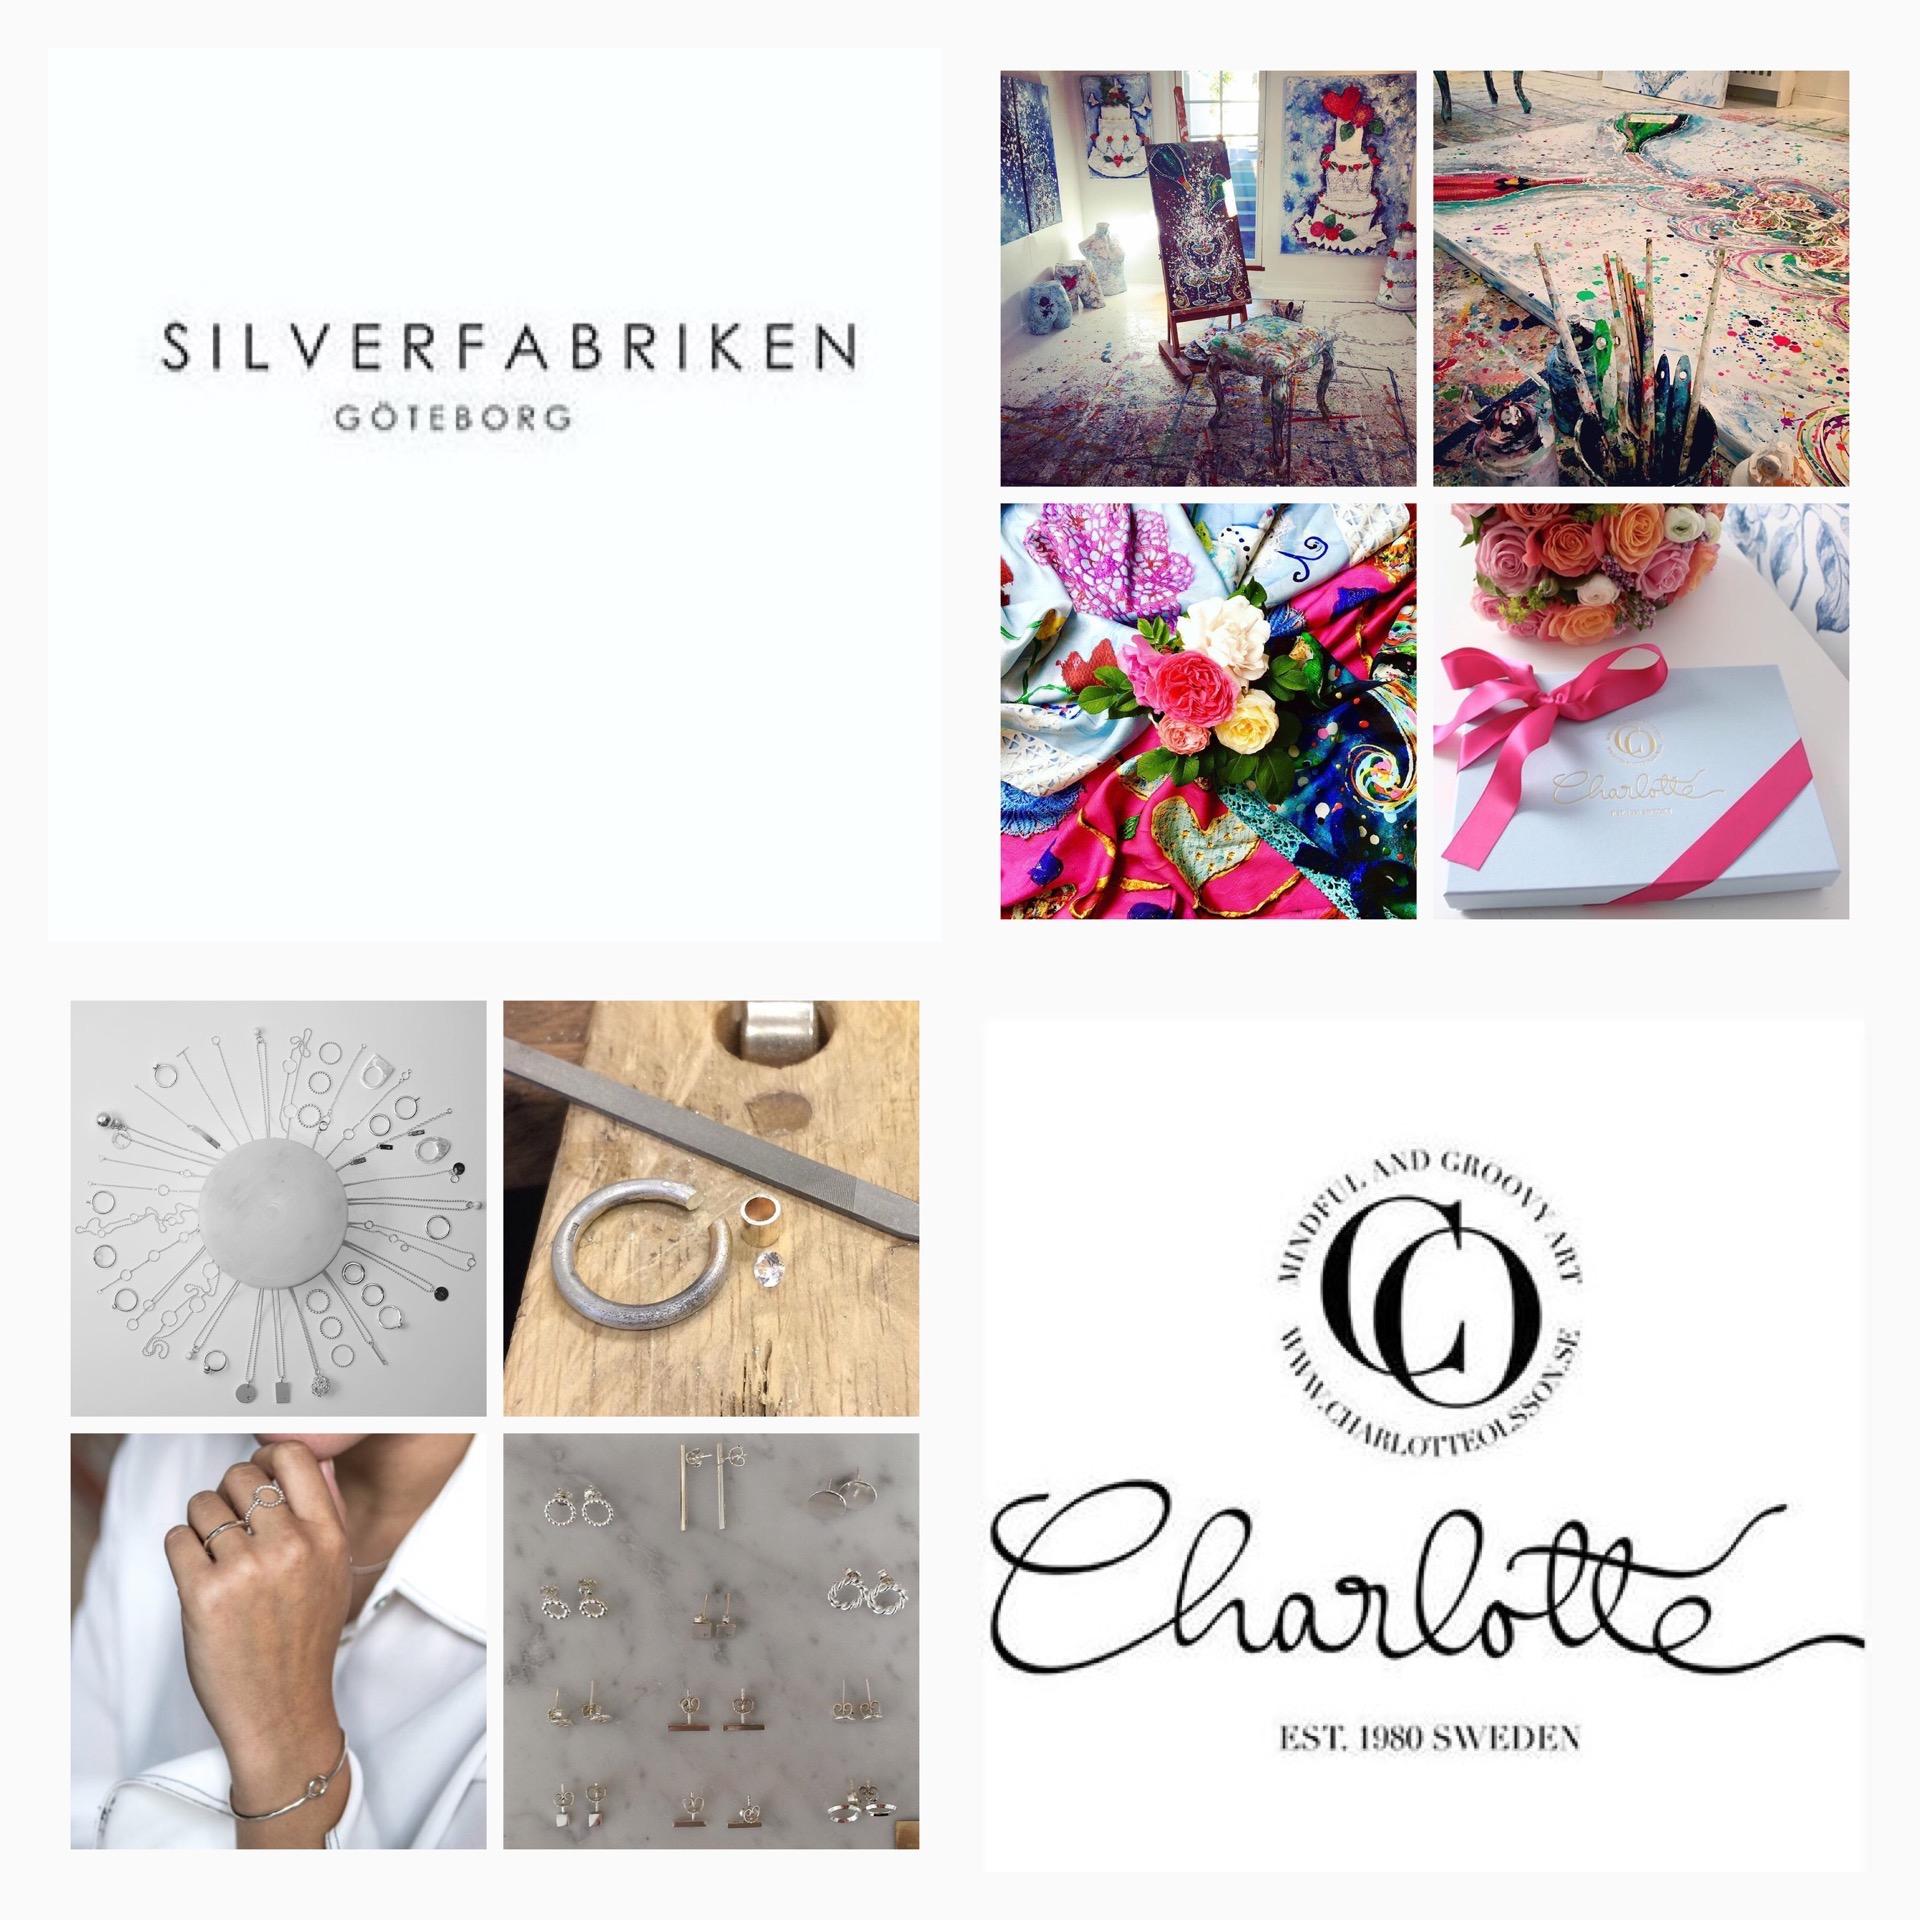 charlotte_olsson_konst_design_jul_i _atelje_2016